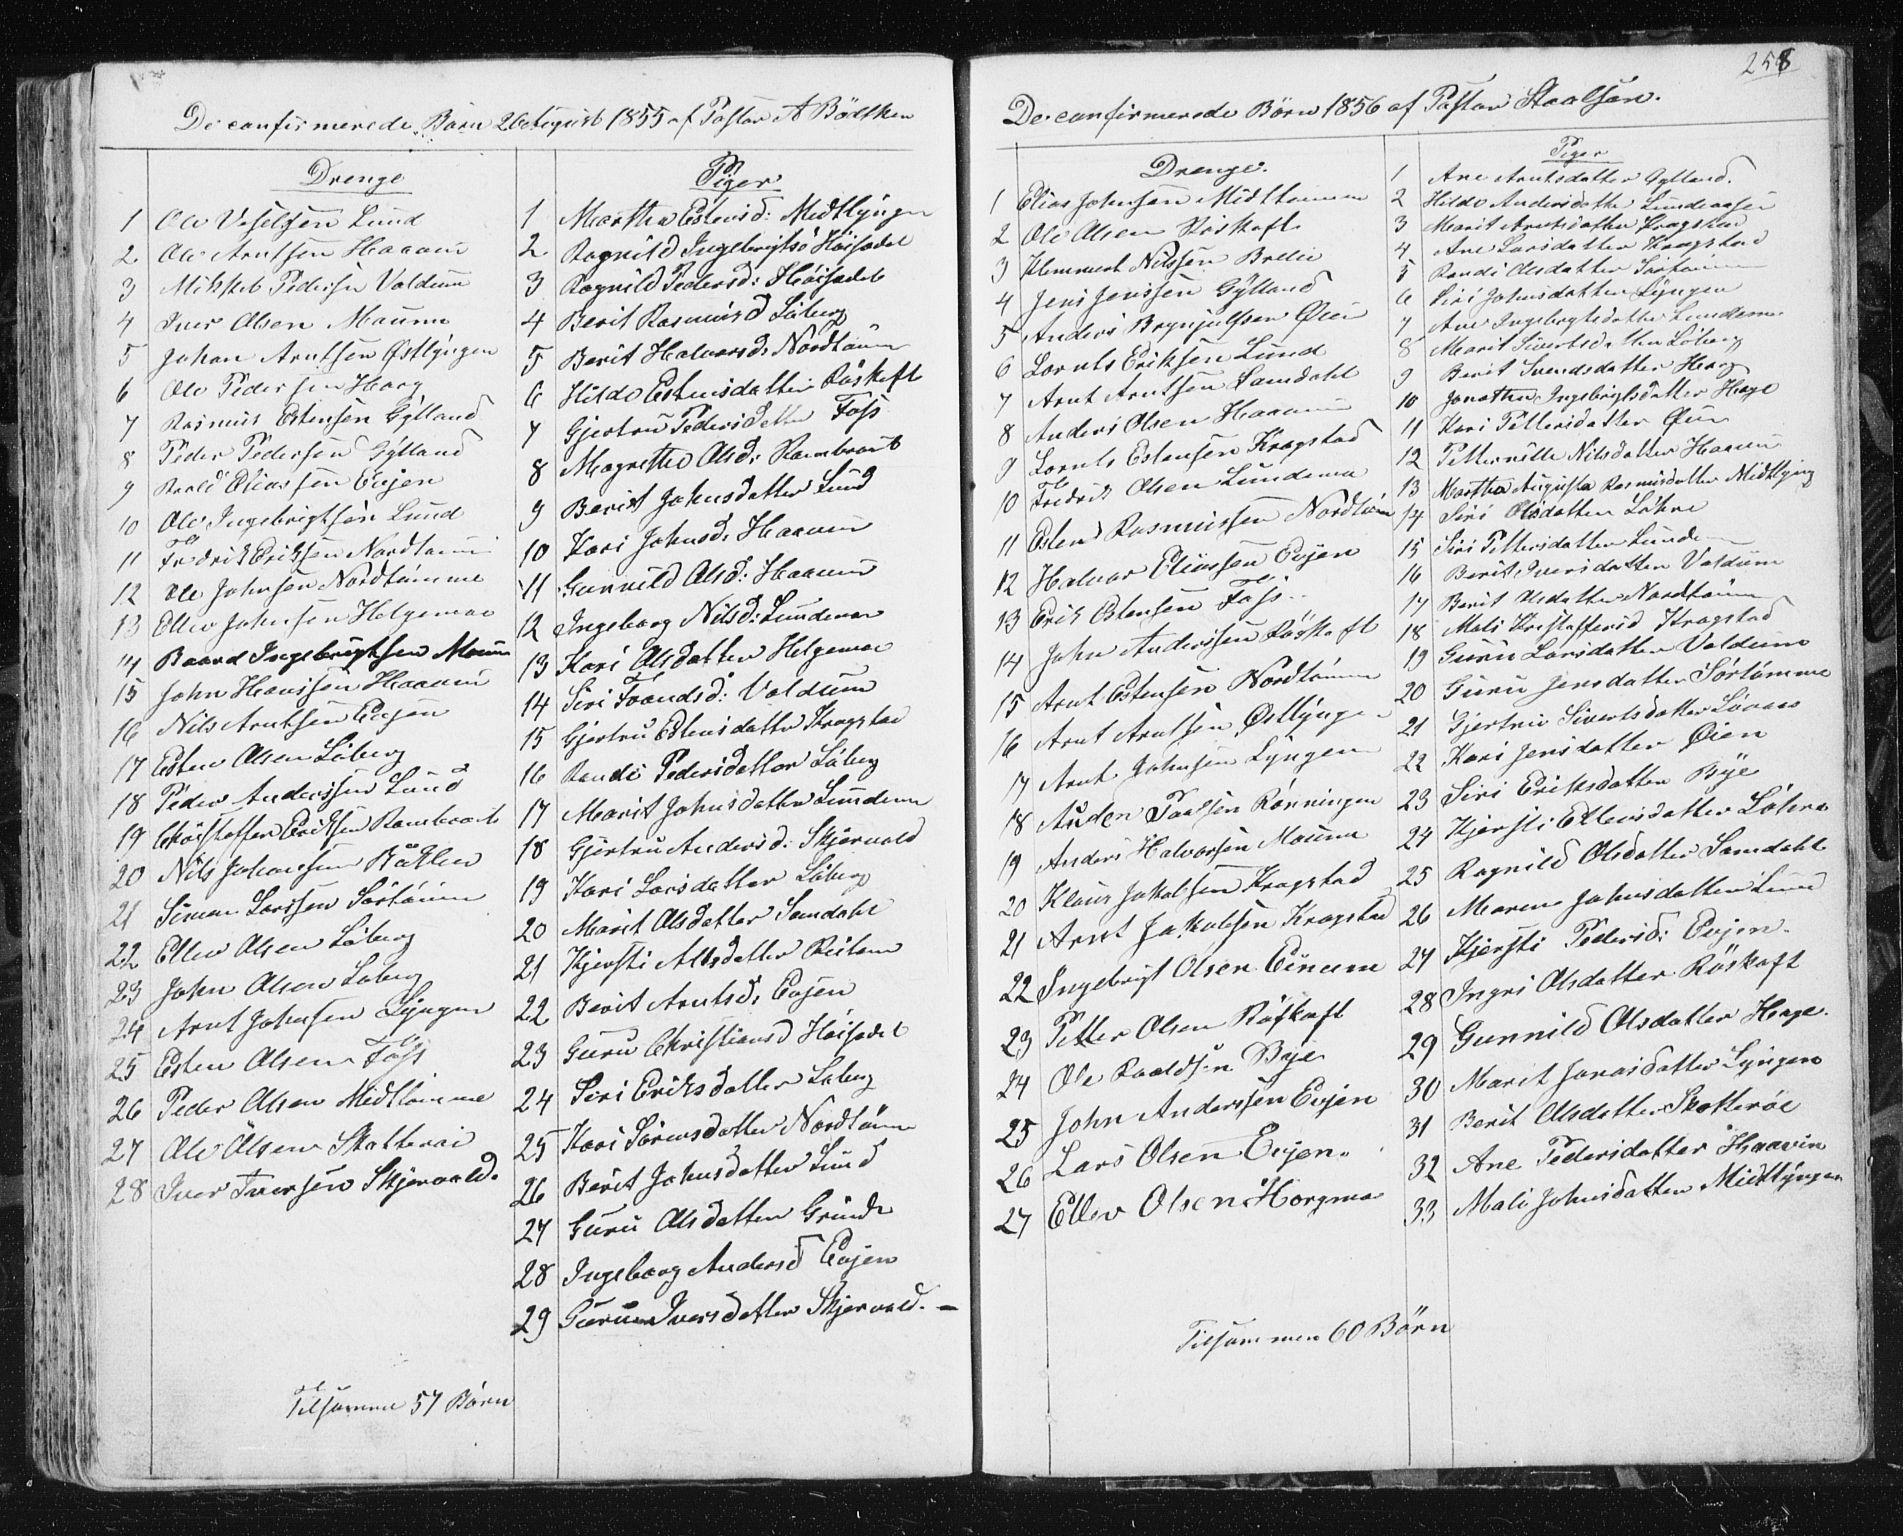 SAT, Ministerialprotokoller, klokkerbøker og fødselsregistre - Sør-Trøndelag, 692/L1110: Klokkerbok nr. 692C05, 1849-1889, s. 258